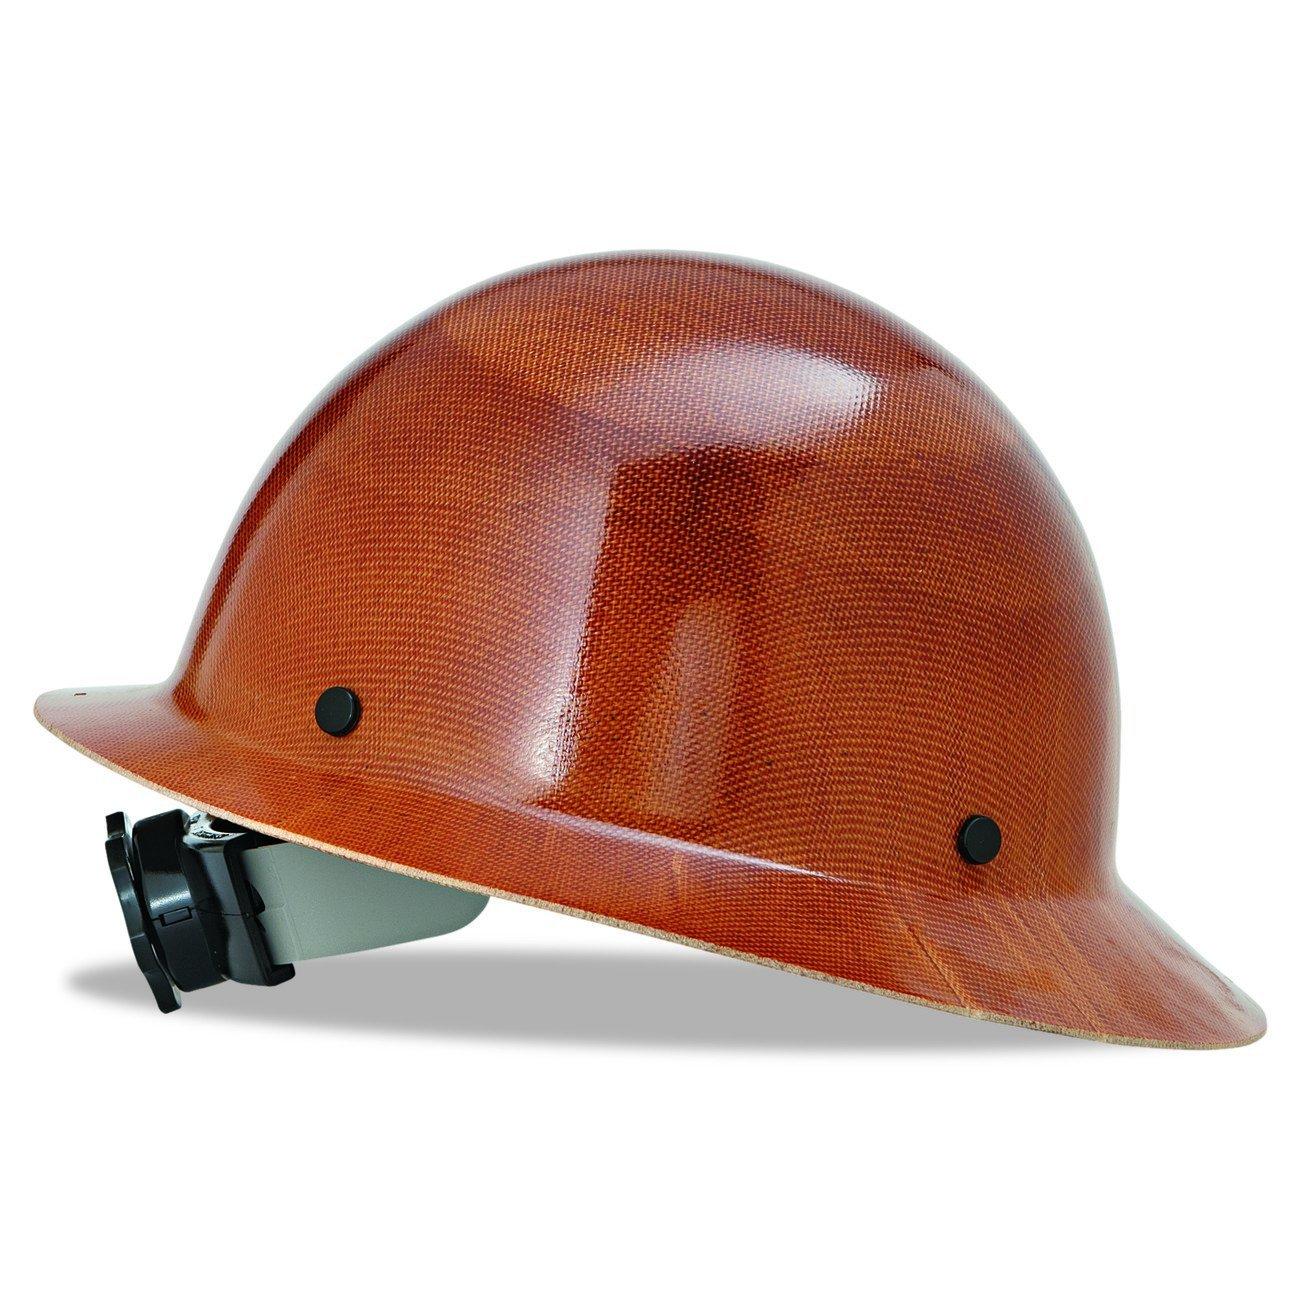 MSA 475407 Natural Tan Skullgard Hard Hat with Fas-Trac Suspension by MSA